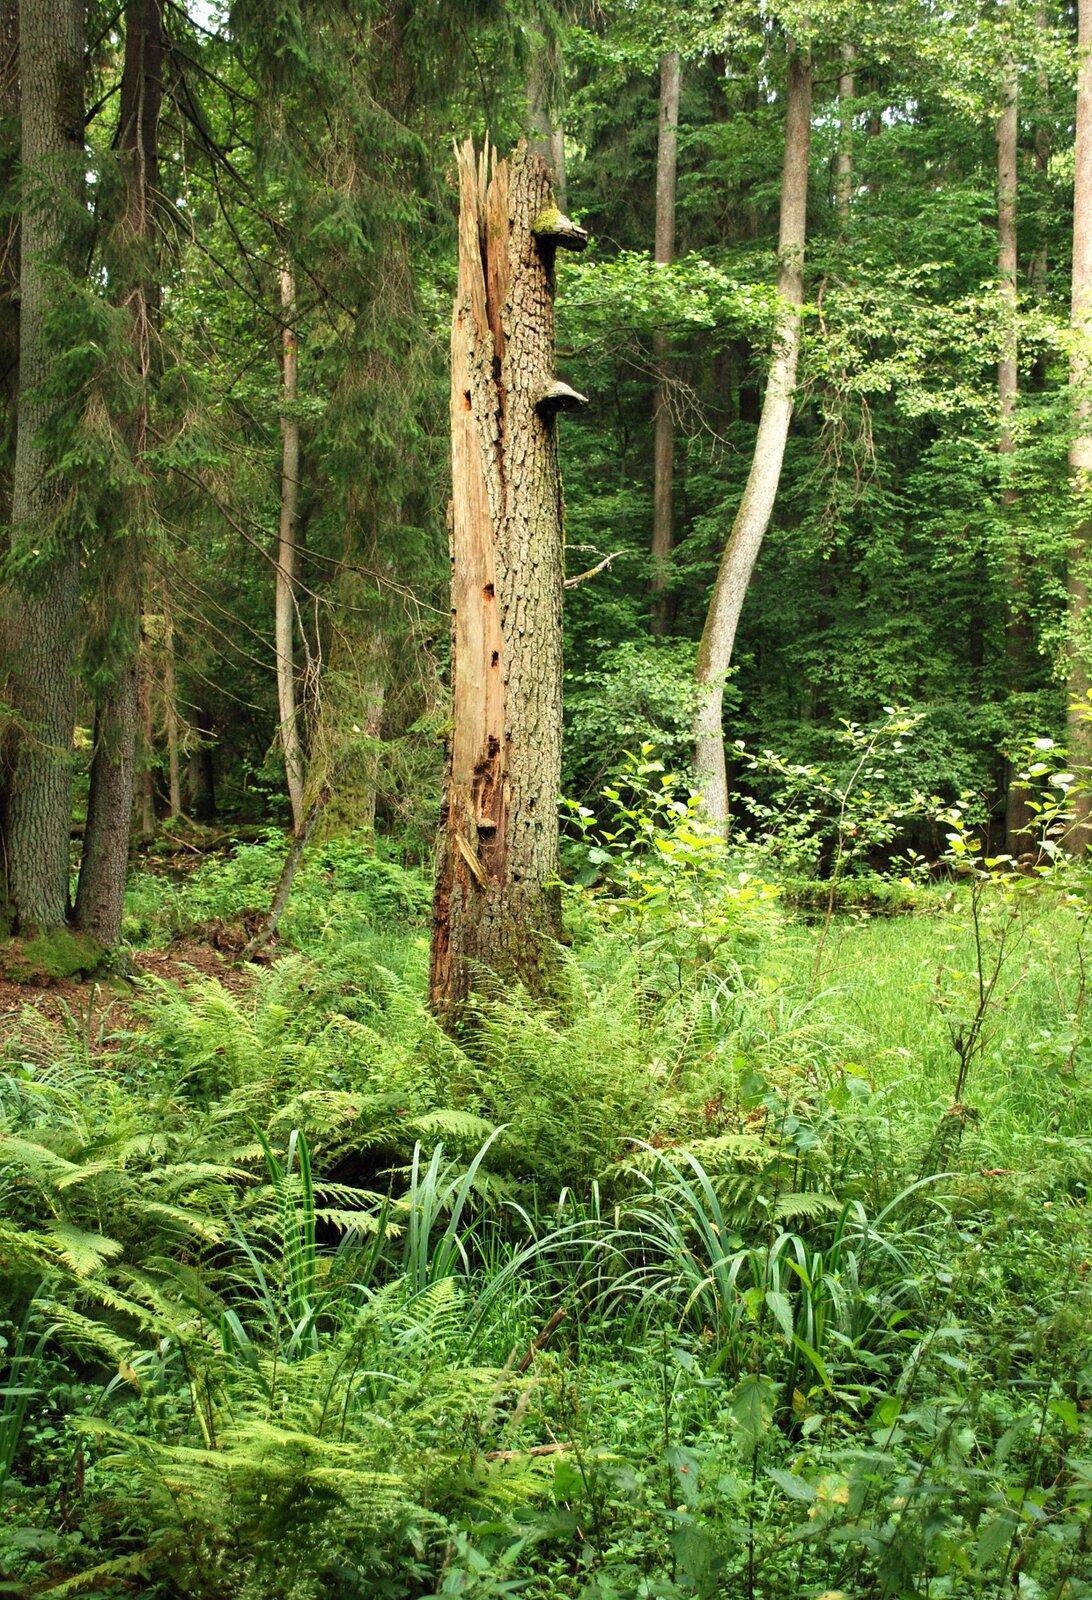 Fotografia przedstawia fragment lasu mieszanego. Rosną tu drzewa iglaste iliściaste. Niektóre są wygięte wkształt litery S. Na pierwszym planie znajdują się liczne kępy paproci. Między nimi znajdują się liście roślin winnym odcieniu zieleni. Paprocie rosną głównie pod pniem złamanego drzewa. Wjego korze są liczne otwory, ana pniu rosną huby.wilgociolubne